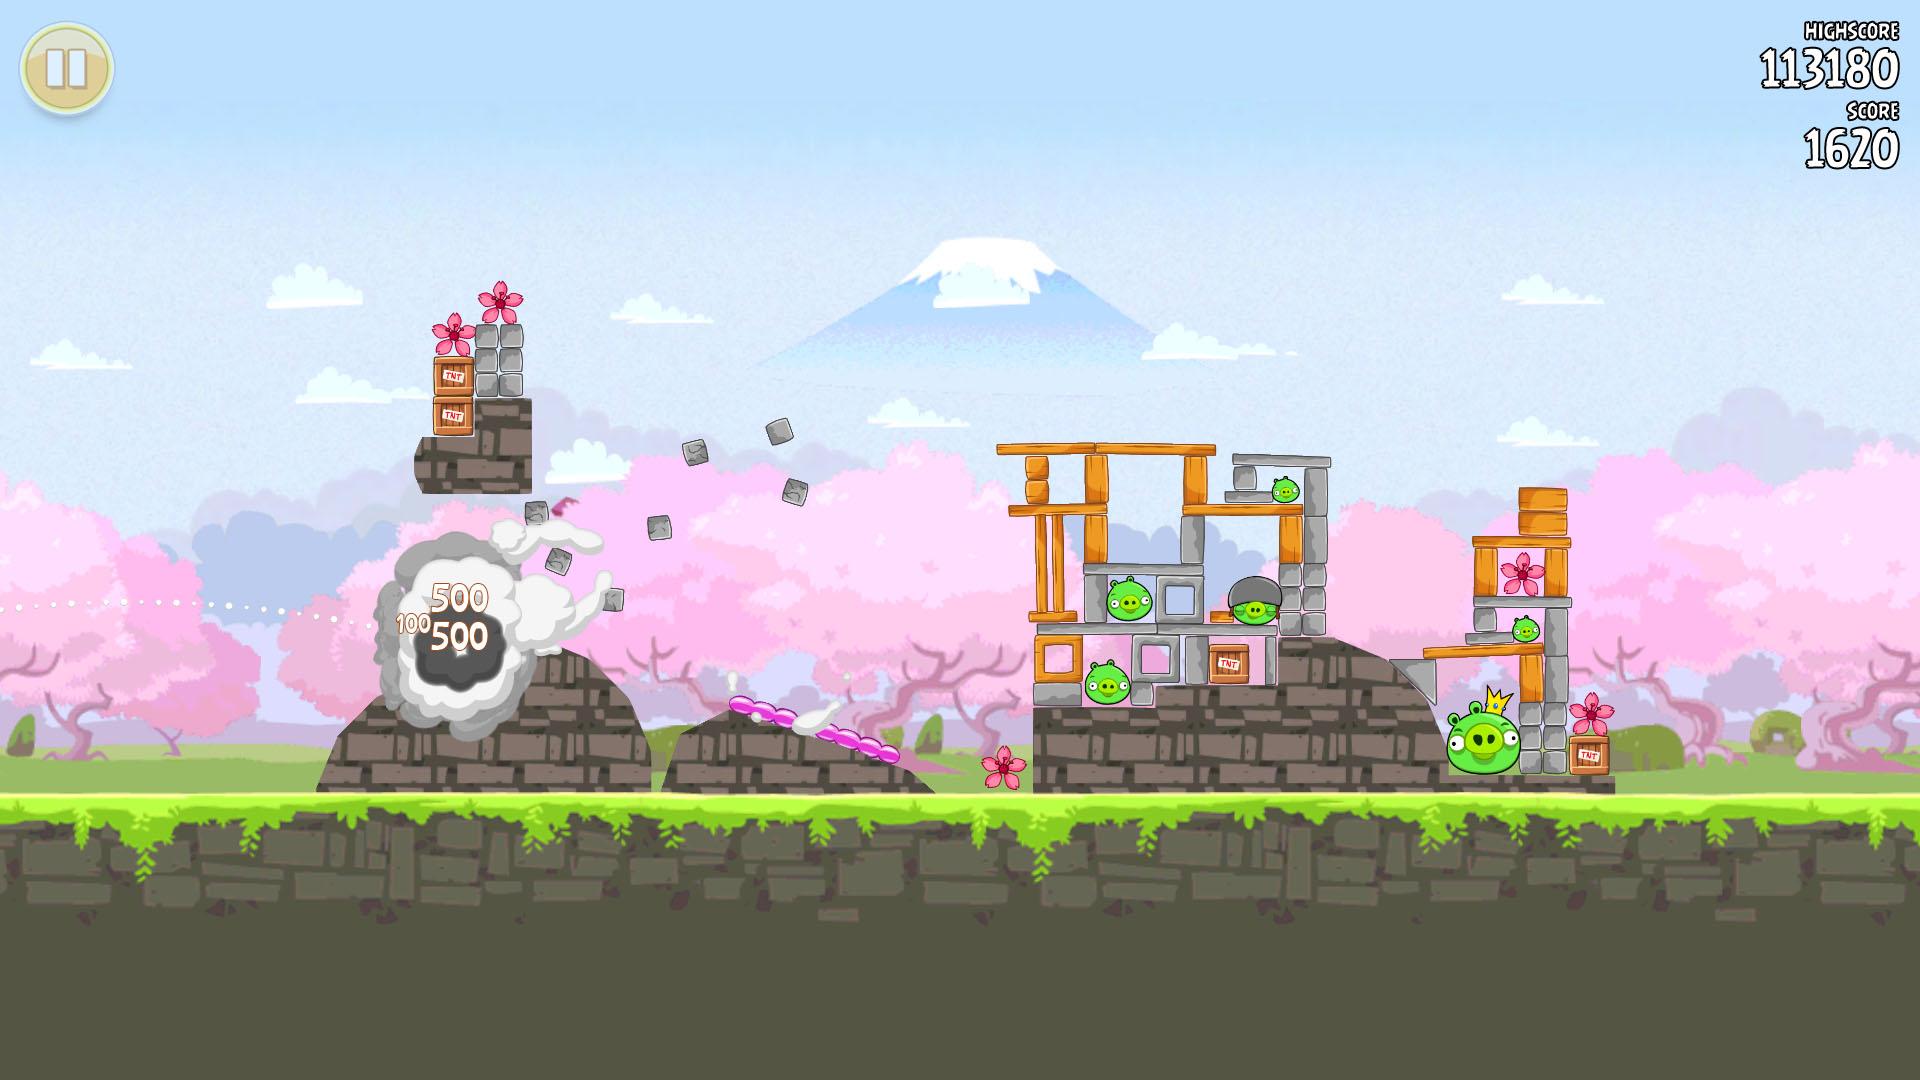 3月7日より「Angry Birds Seasons」に追加されたステージ集。柔らかい色合いの桜が、春の雰囲気を出している。ブーメランのように飛ぶトリが出たり、高く積み上がったステージ構成など多少難易度は高めだ。海苔巻きやお椀、傘など日本要素のオブジェクトにも注目